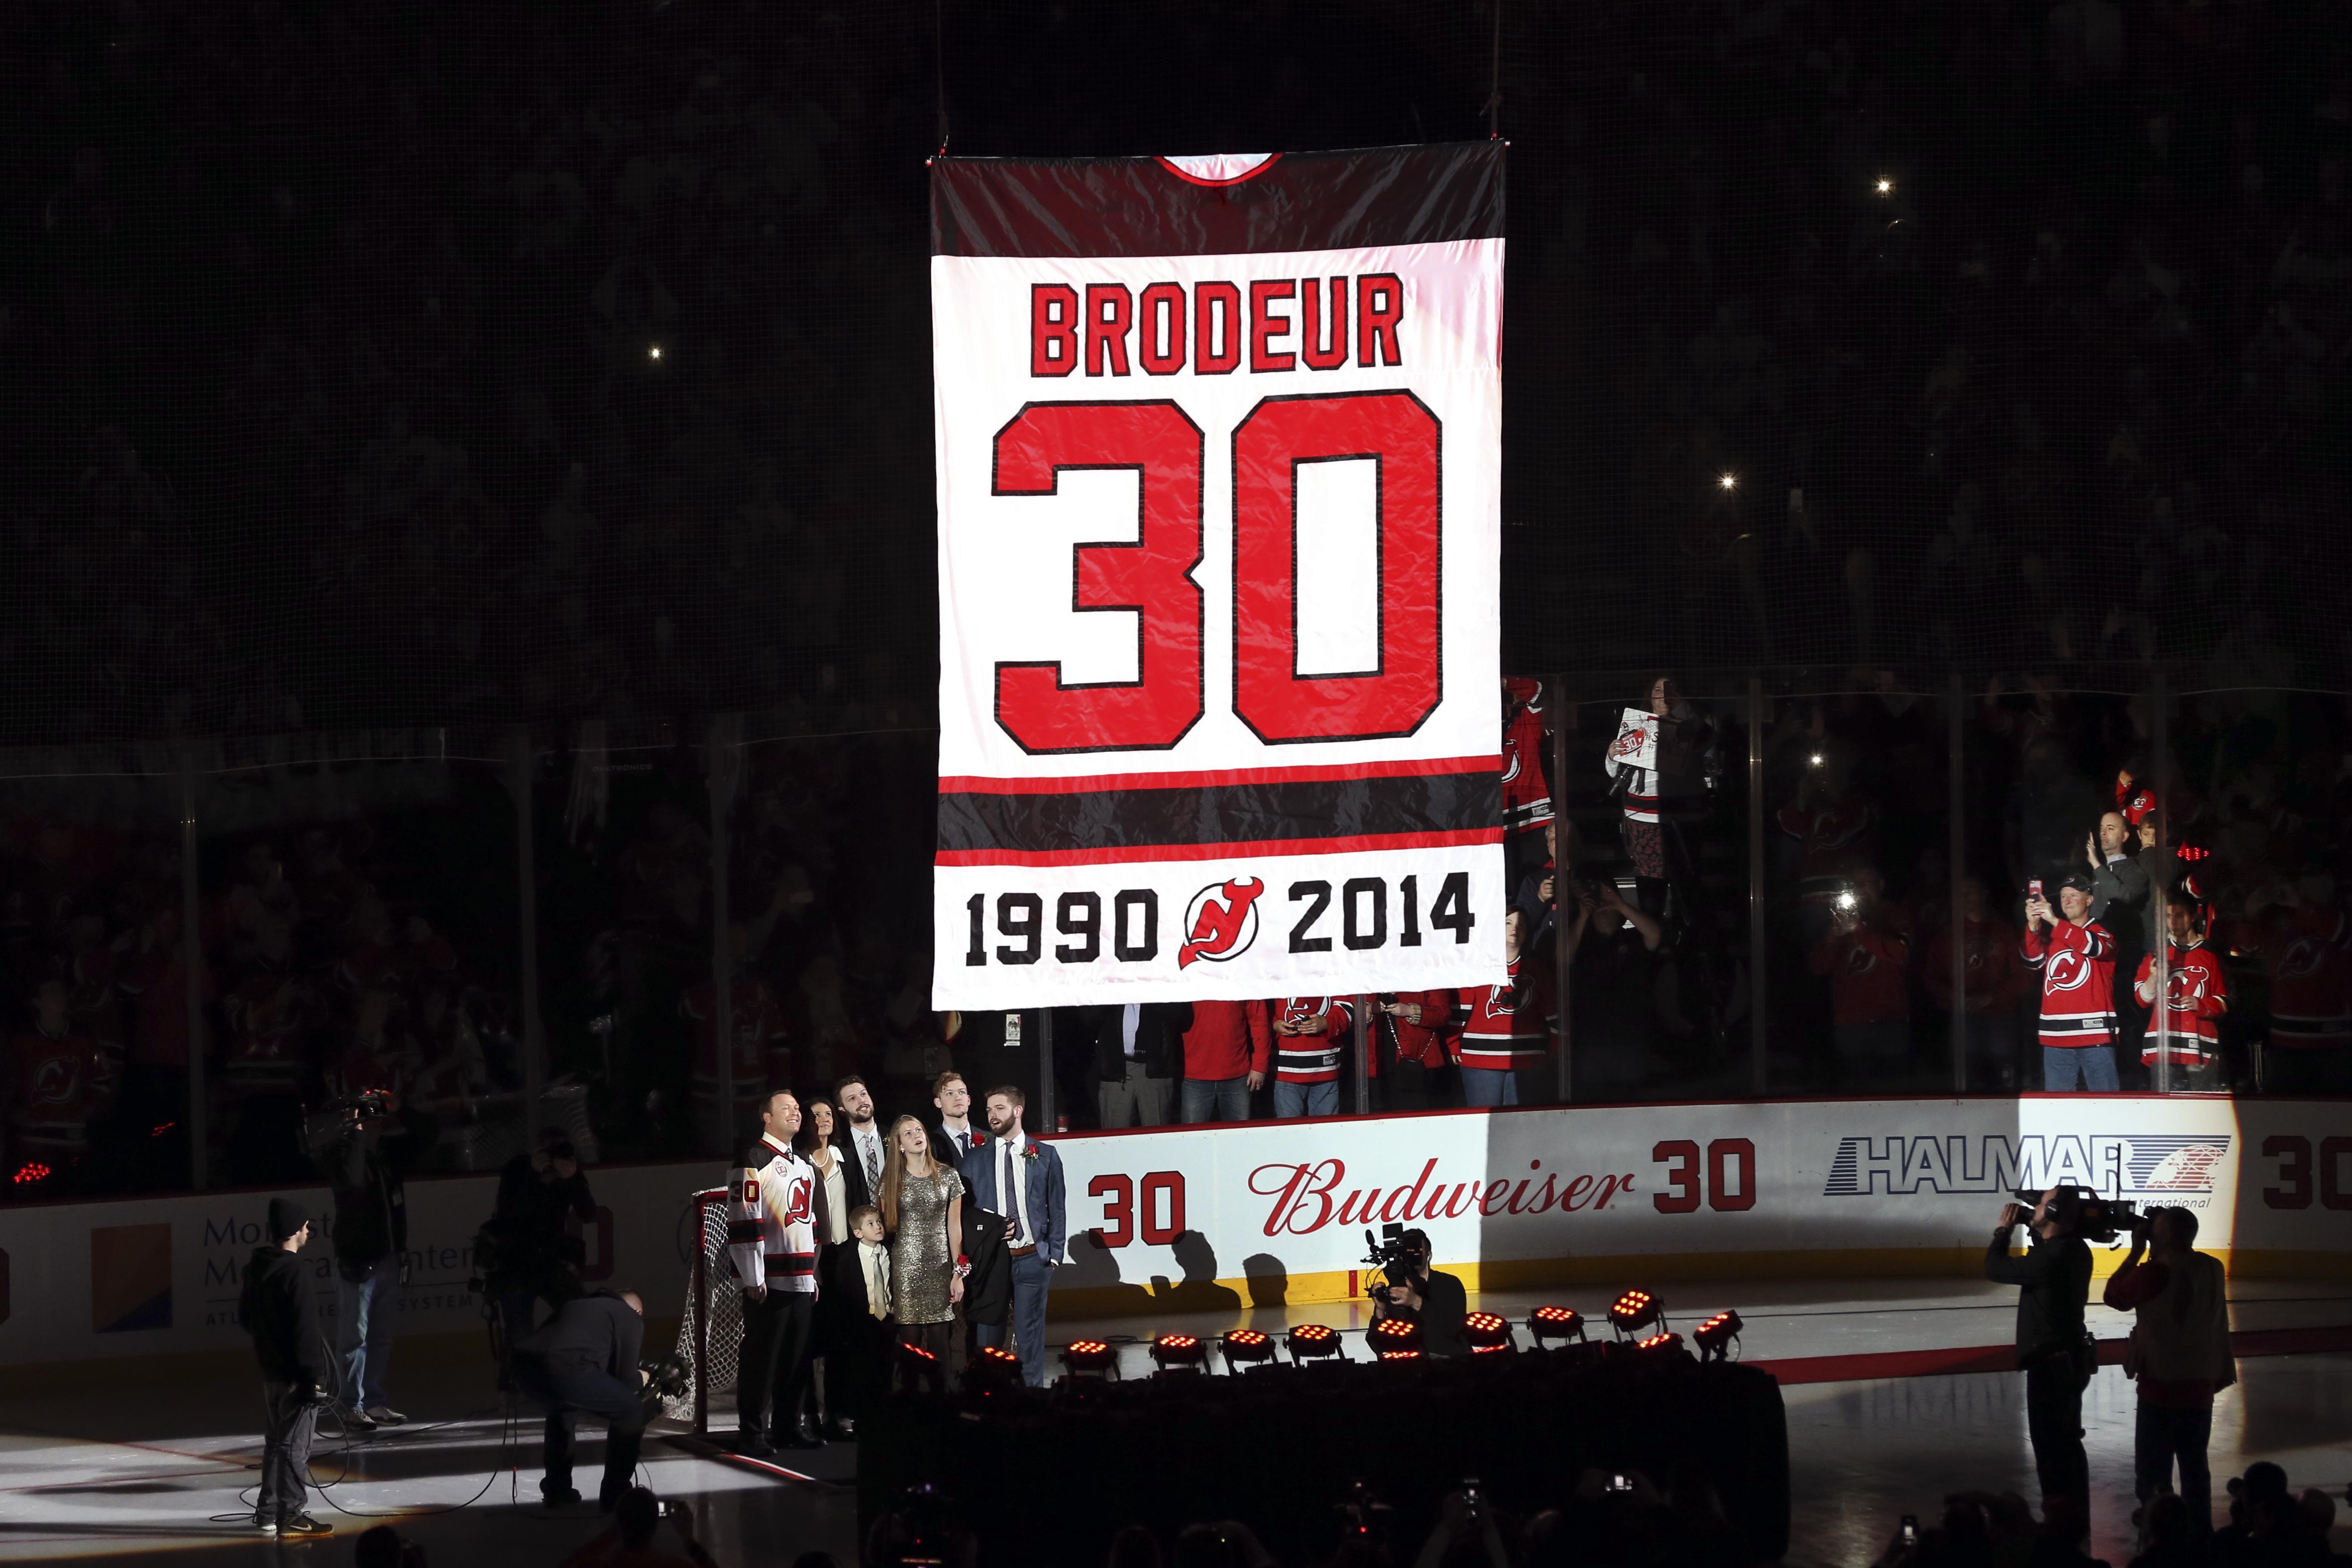 Devils_brodeur_hockey__